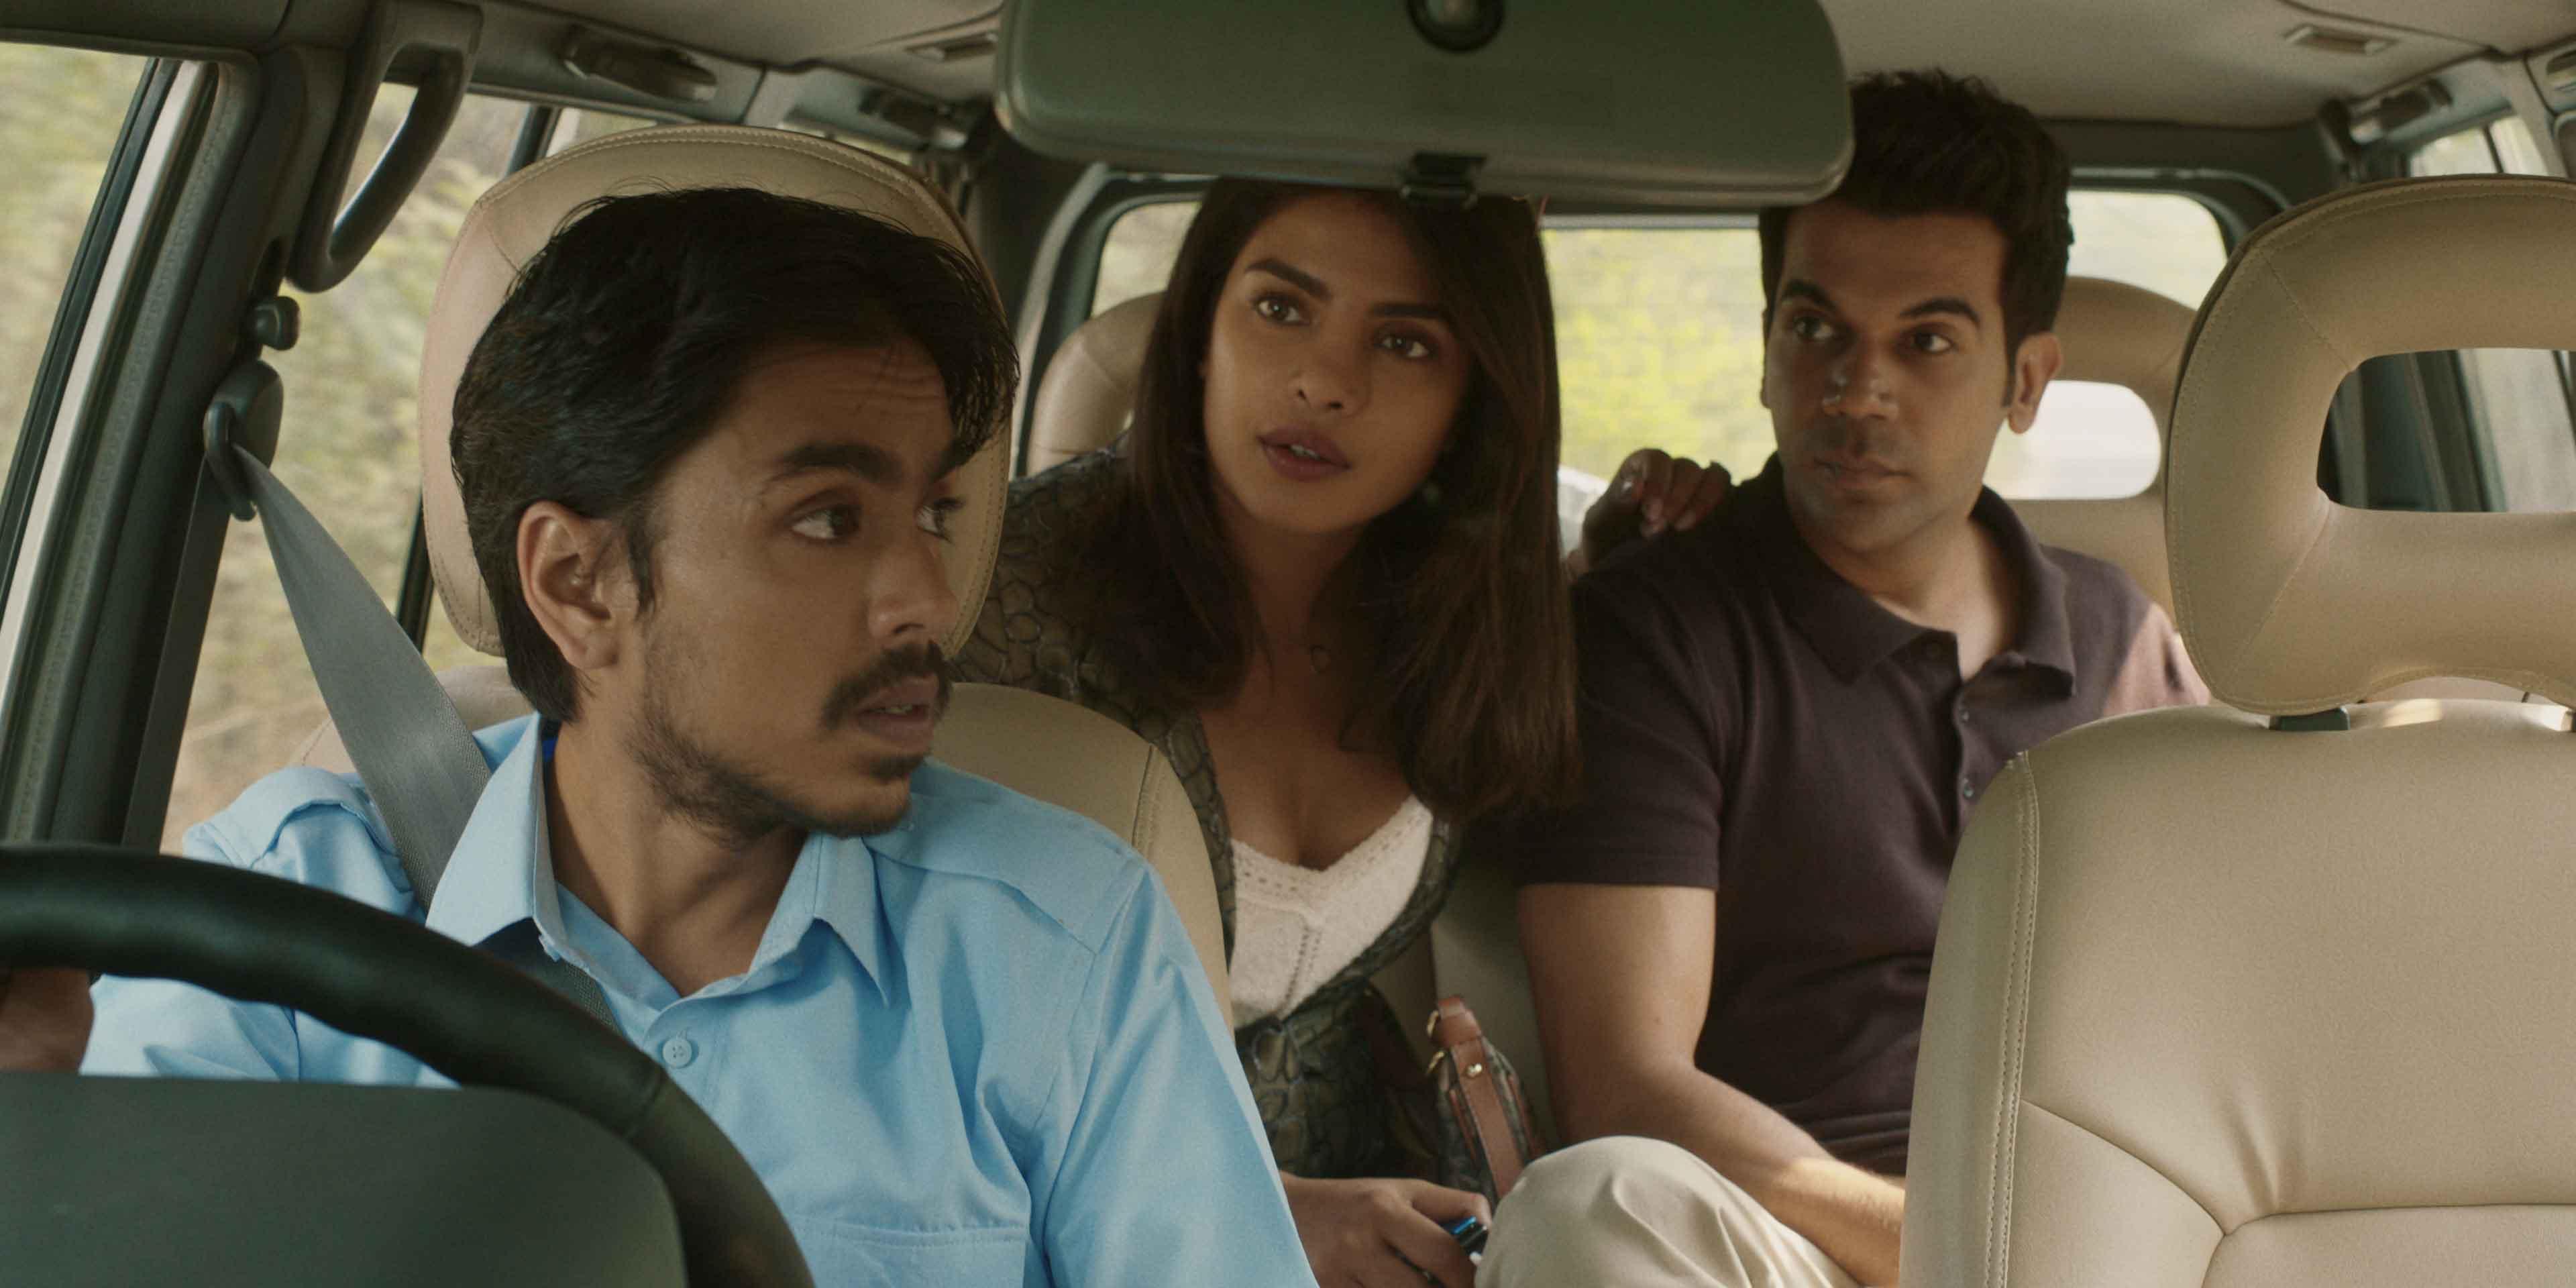 Adarsh Gourav, Rajkummar Rao e Priyanka Chopra